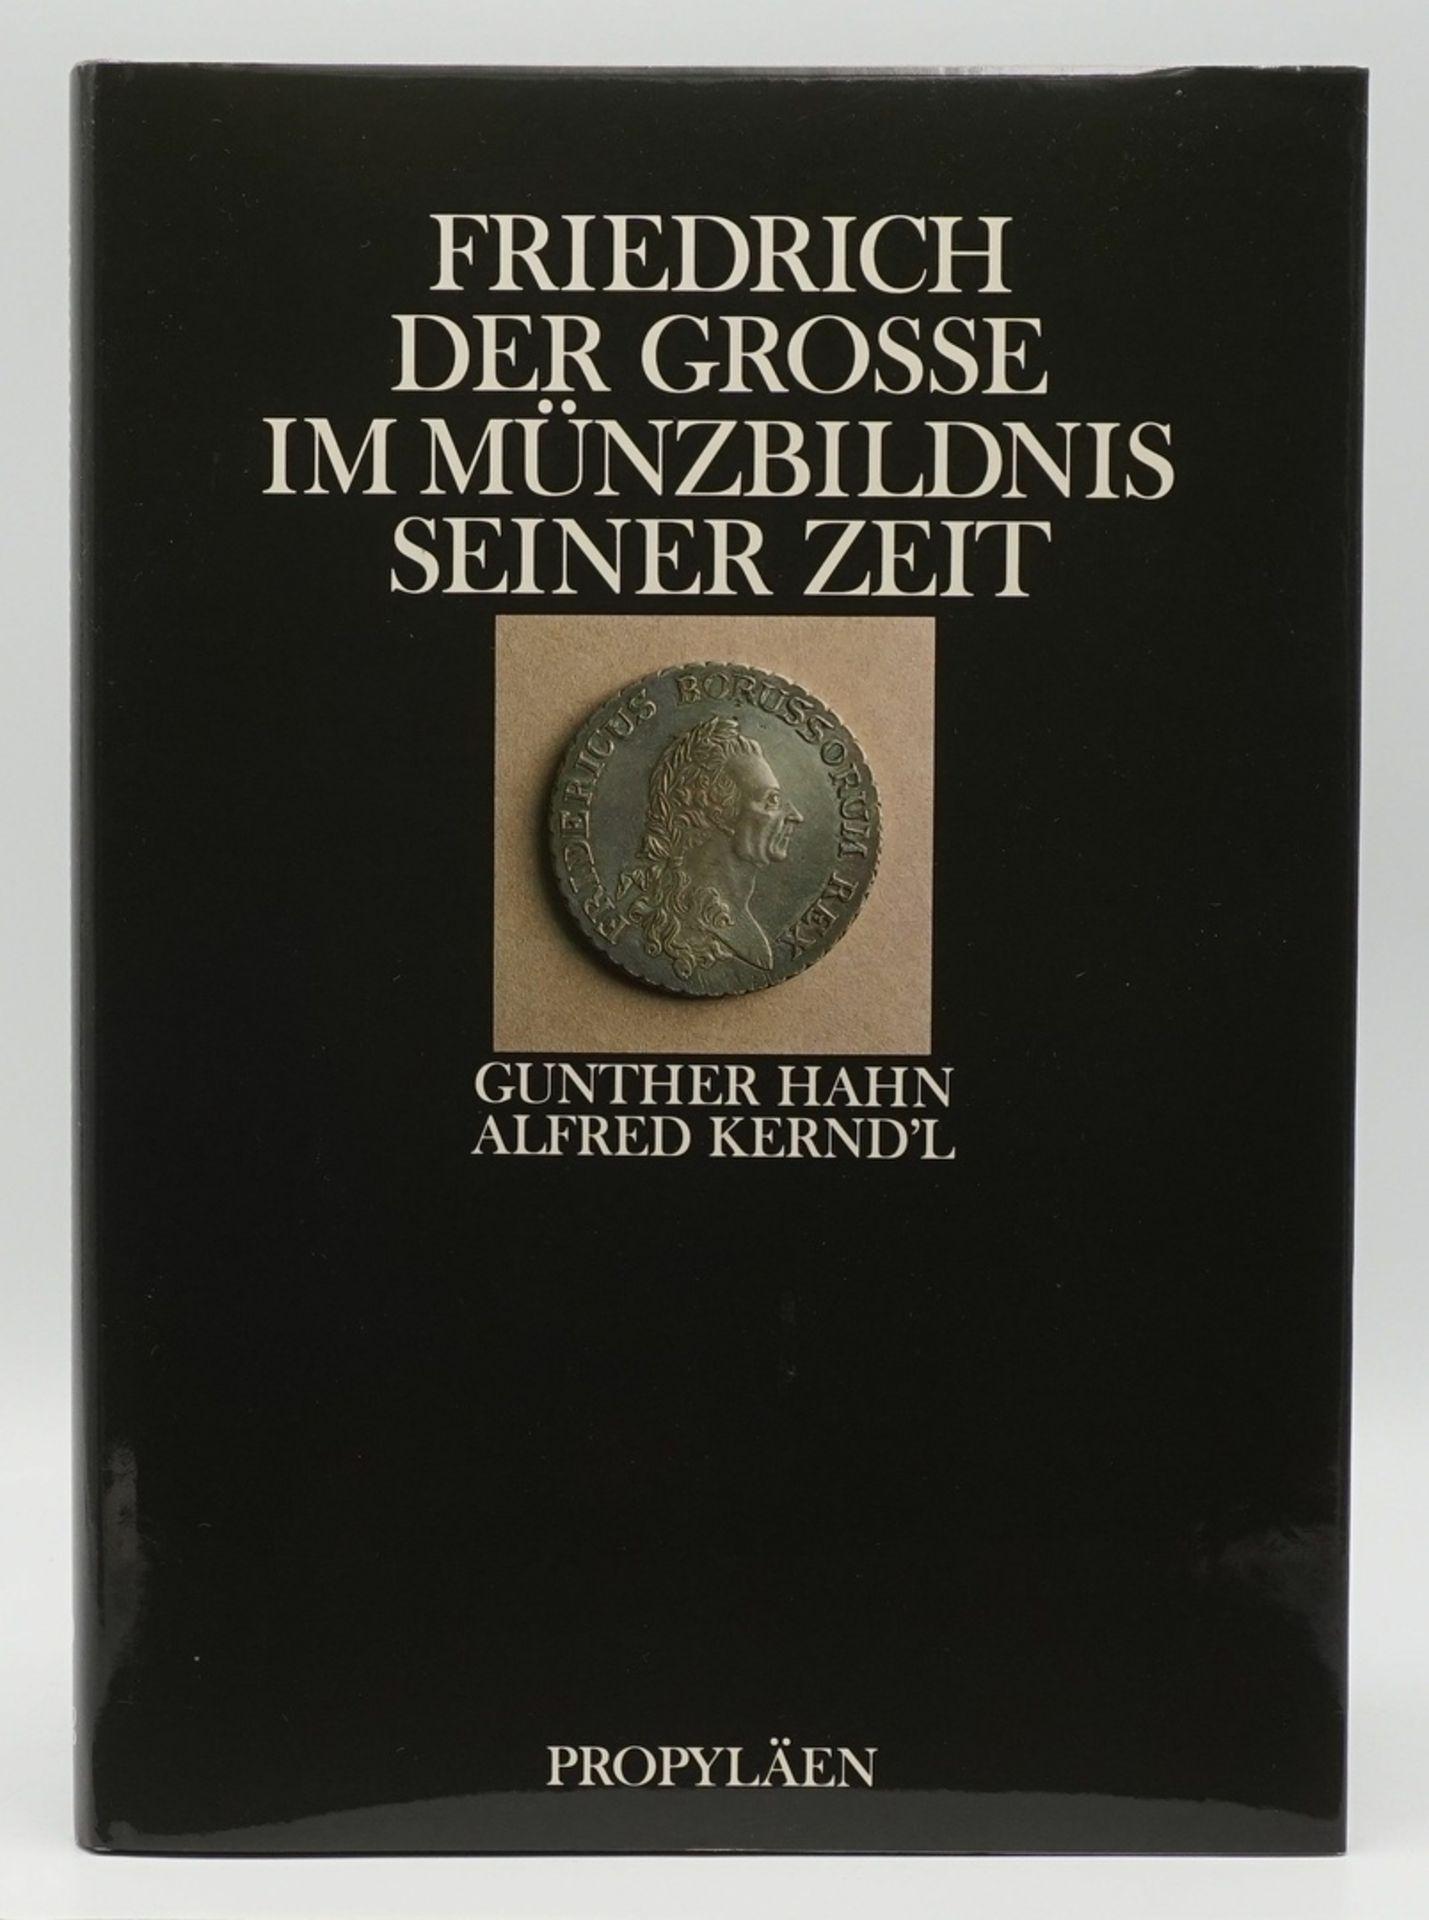 """Gunther Hahn/Alfred Kernd´l, """"Friedrich der Grosse im Münzbildnis seiner Zeit"""""""